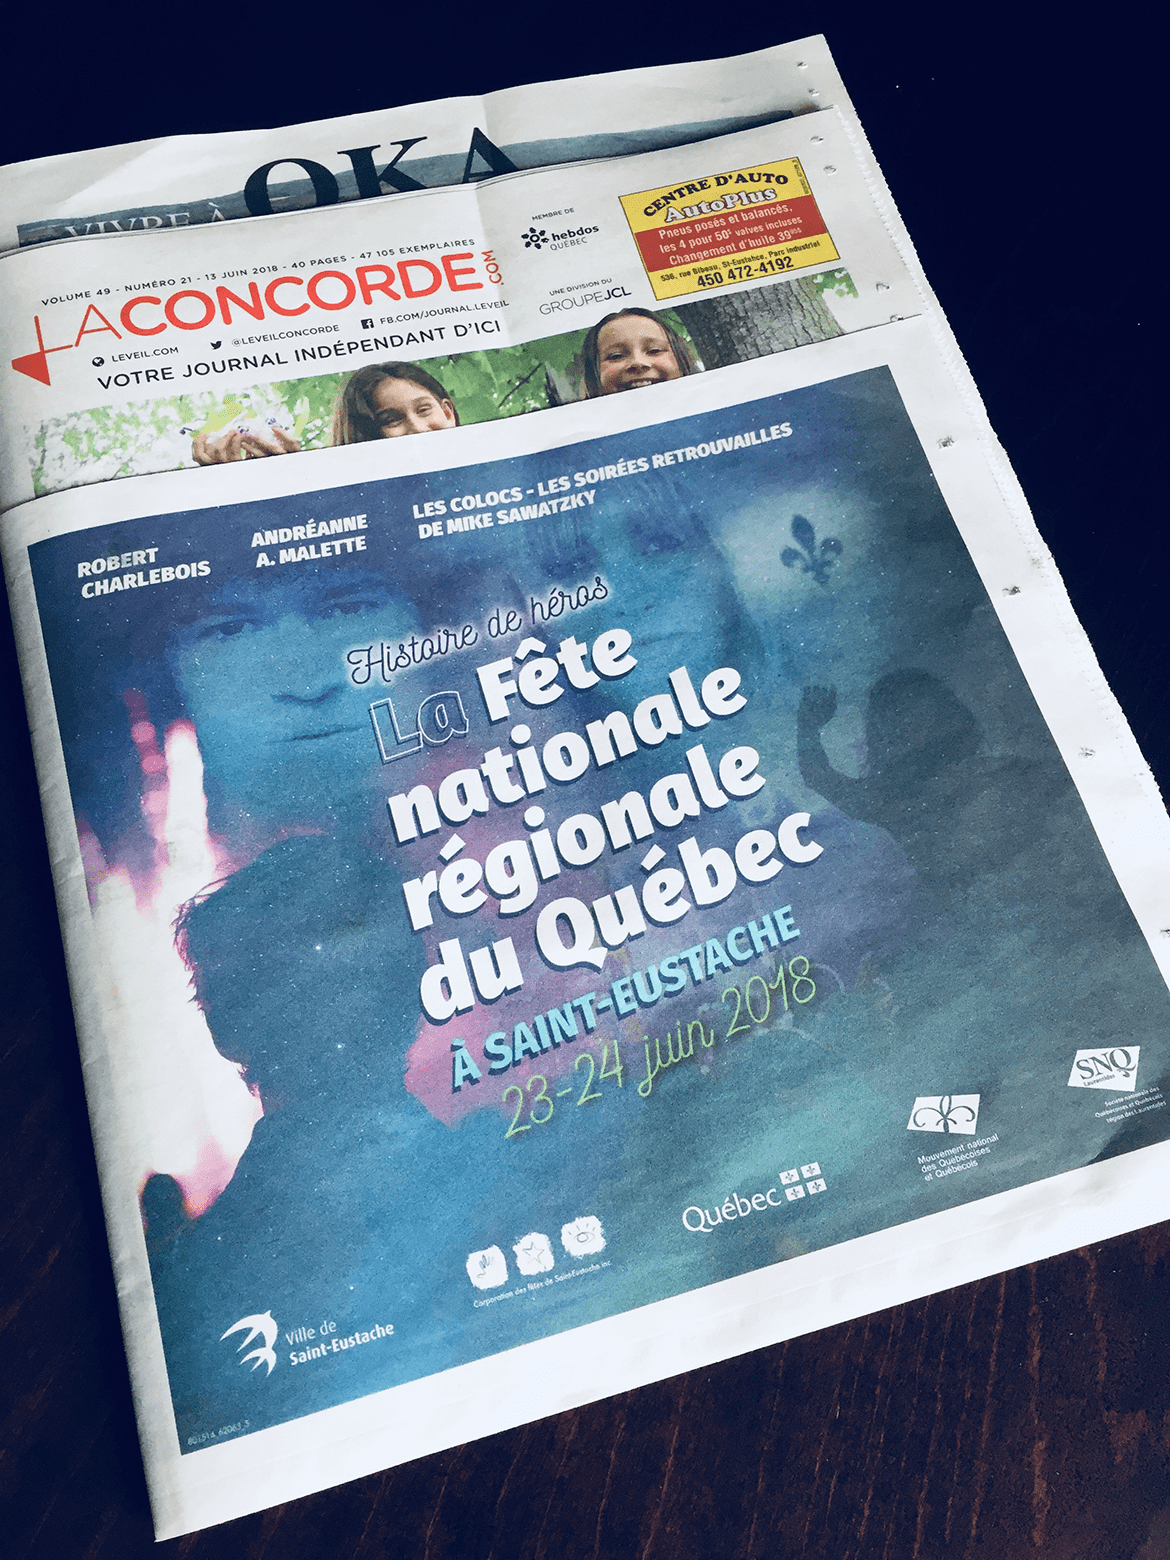 Programme de la Fête Nationale Régionale du Québec 2018 à Saint-Eustache dans le Journal La Concorde